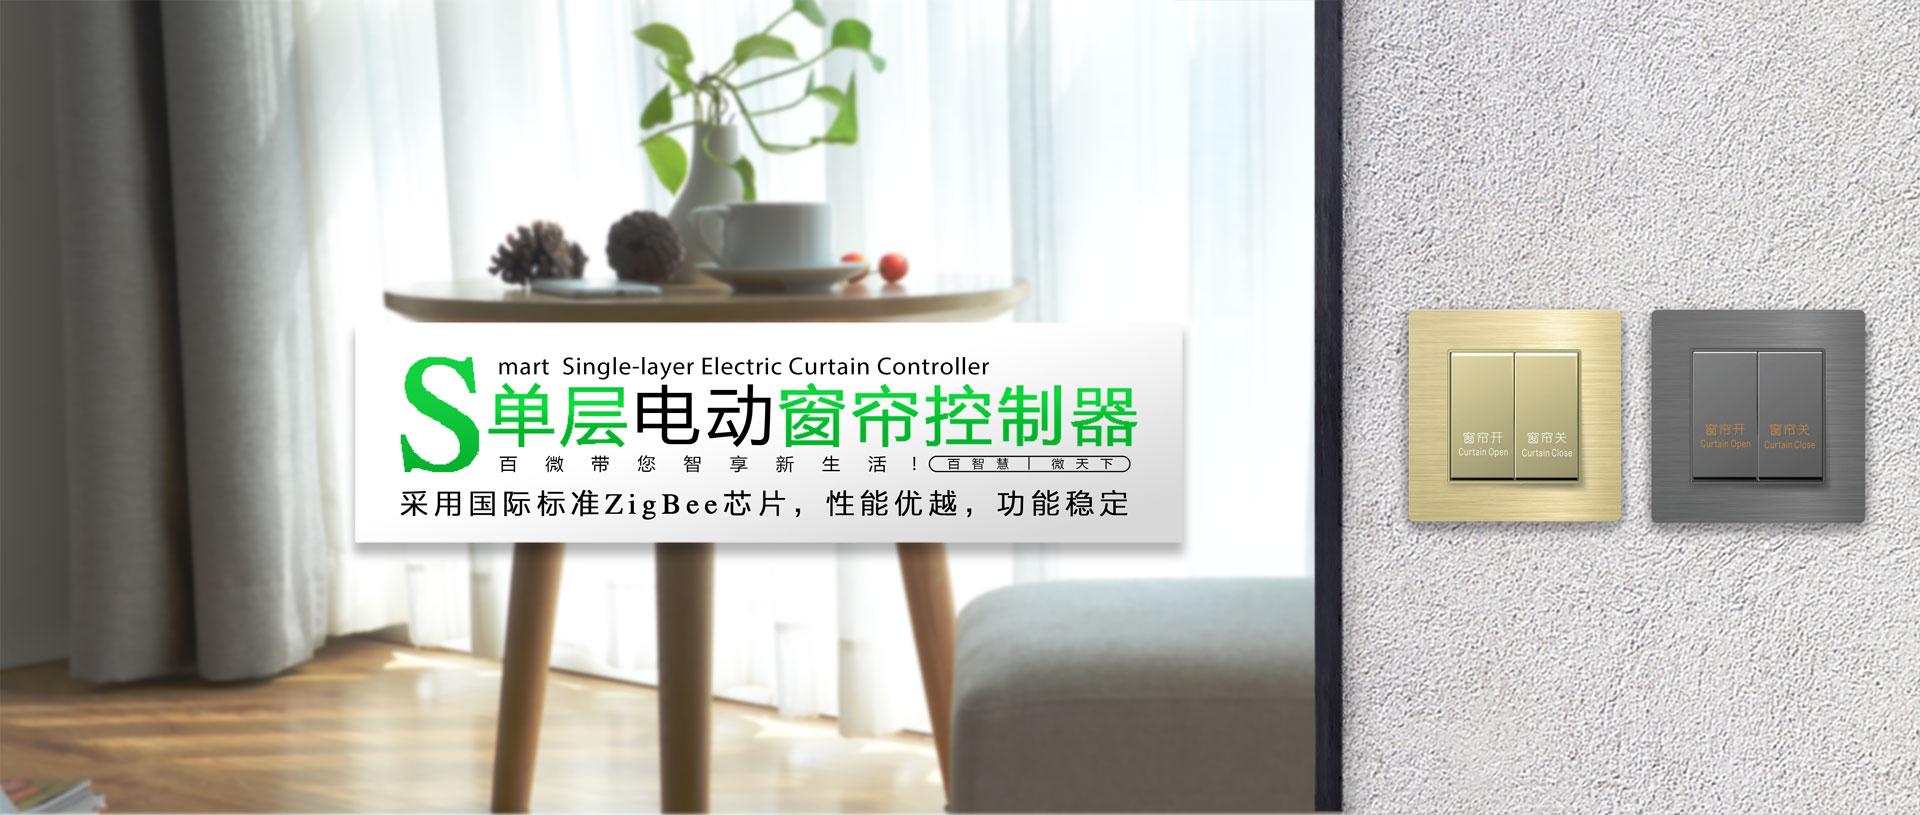 风尚系列单层电动窗帘控制器